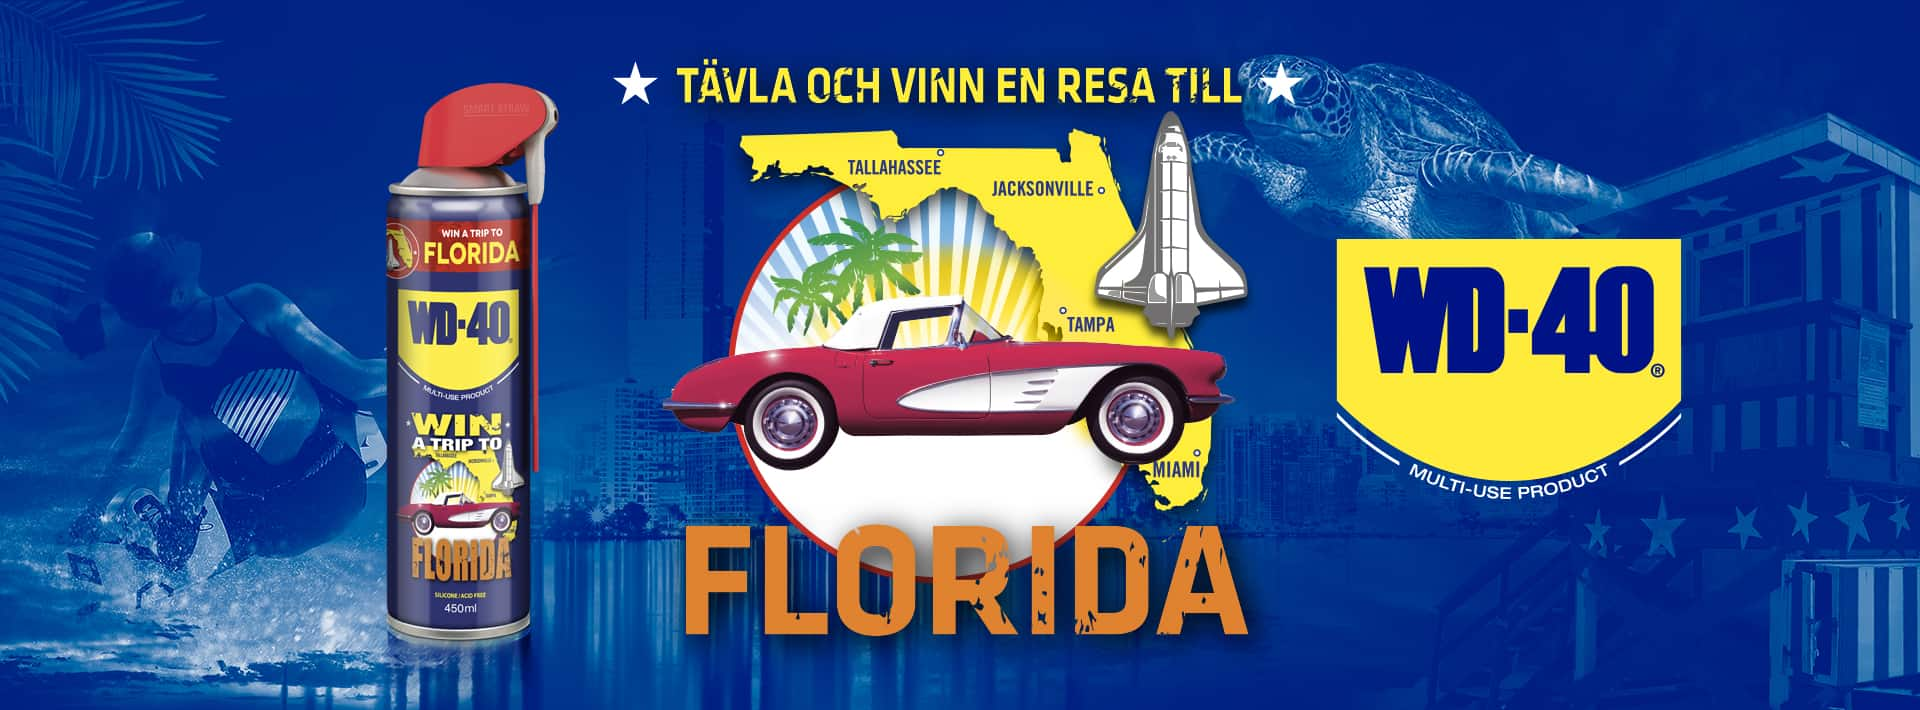 Vinn en resa till Florida